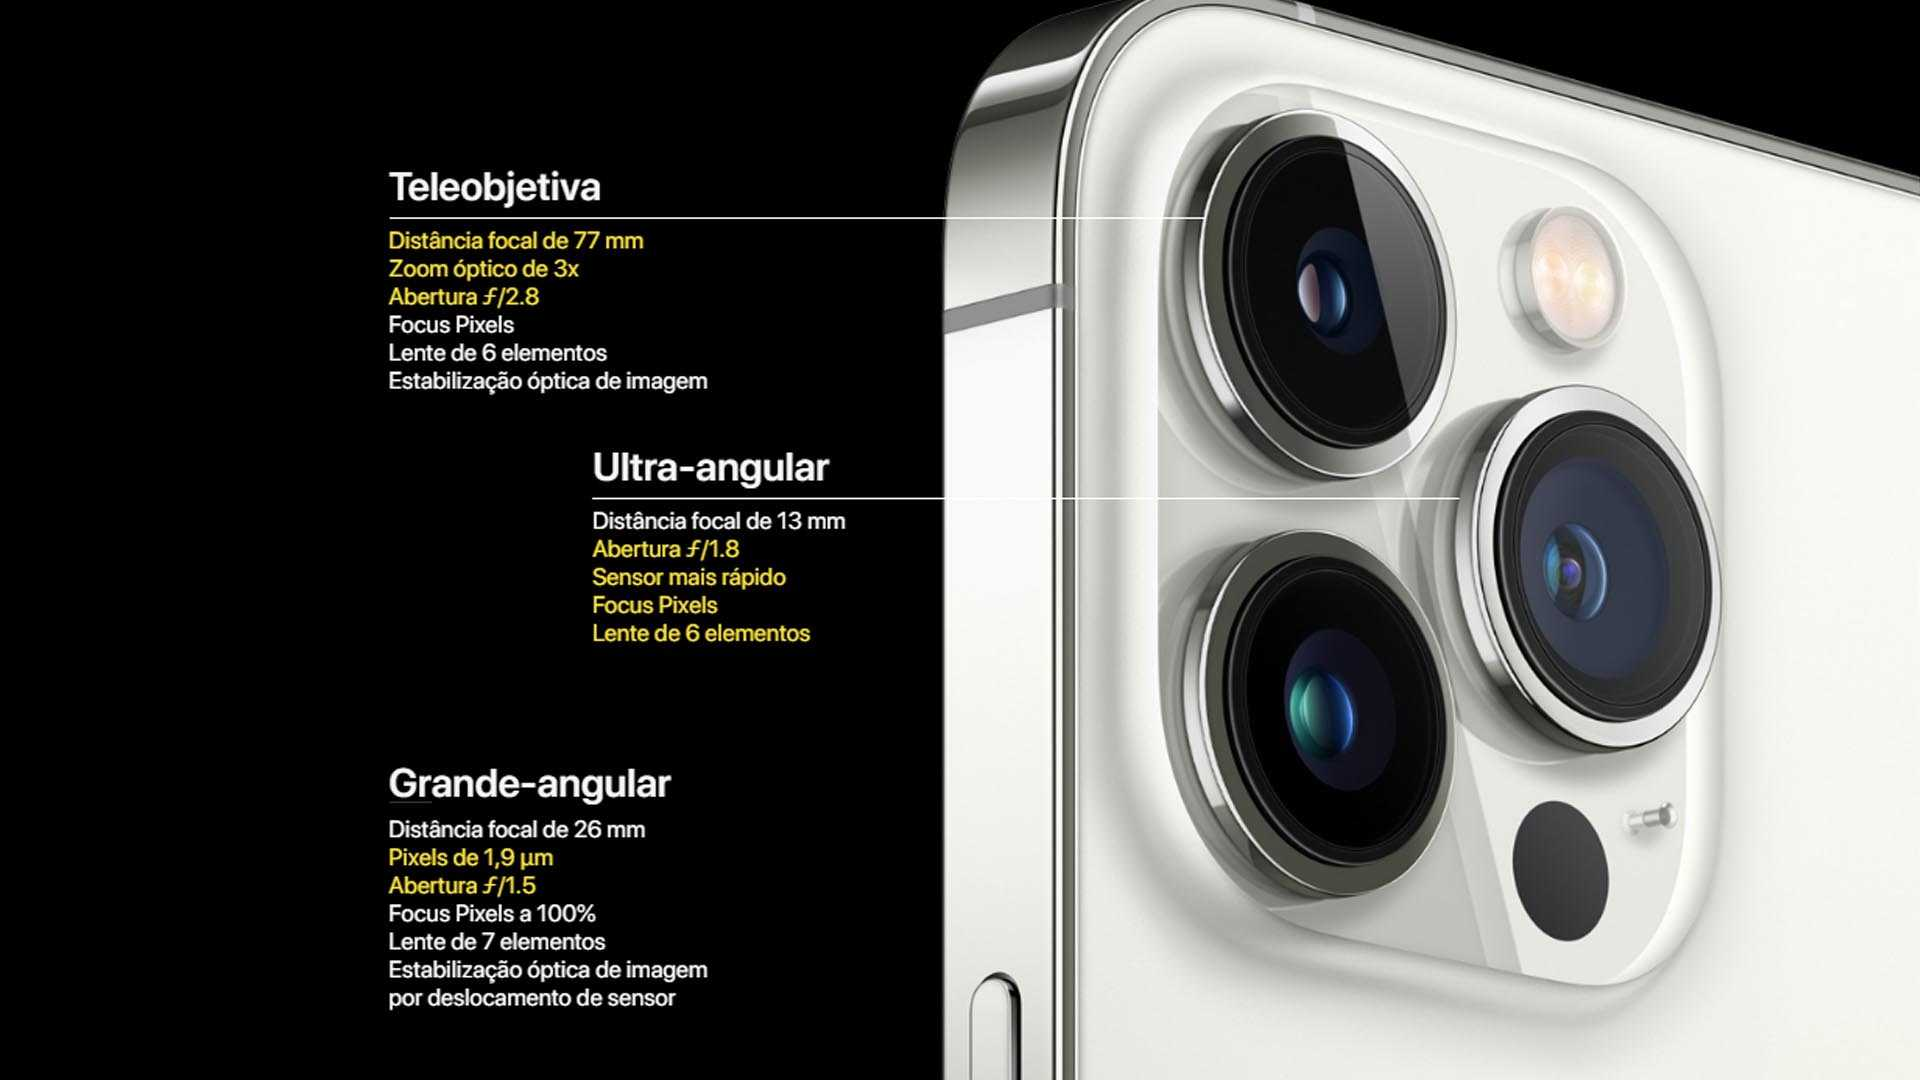 Imagem que mostra as três câmeras do iPhone 13  MAx e dá detalhes sobre suas especificações.